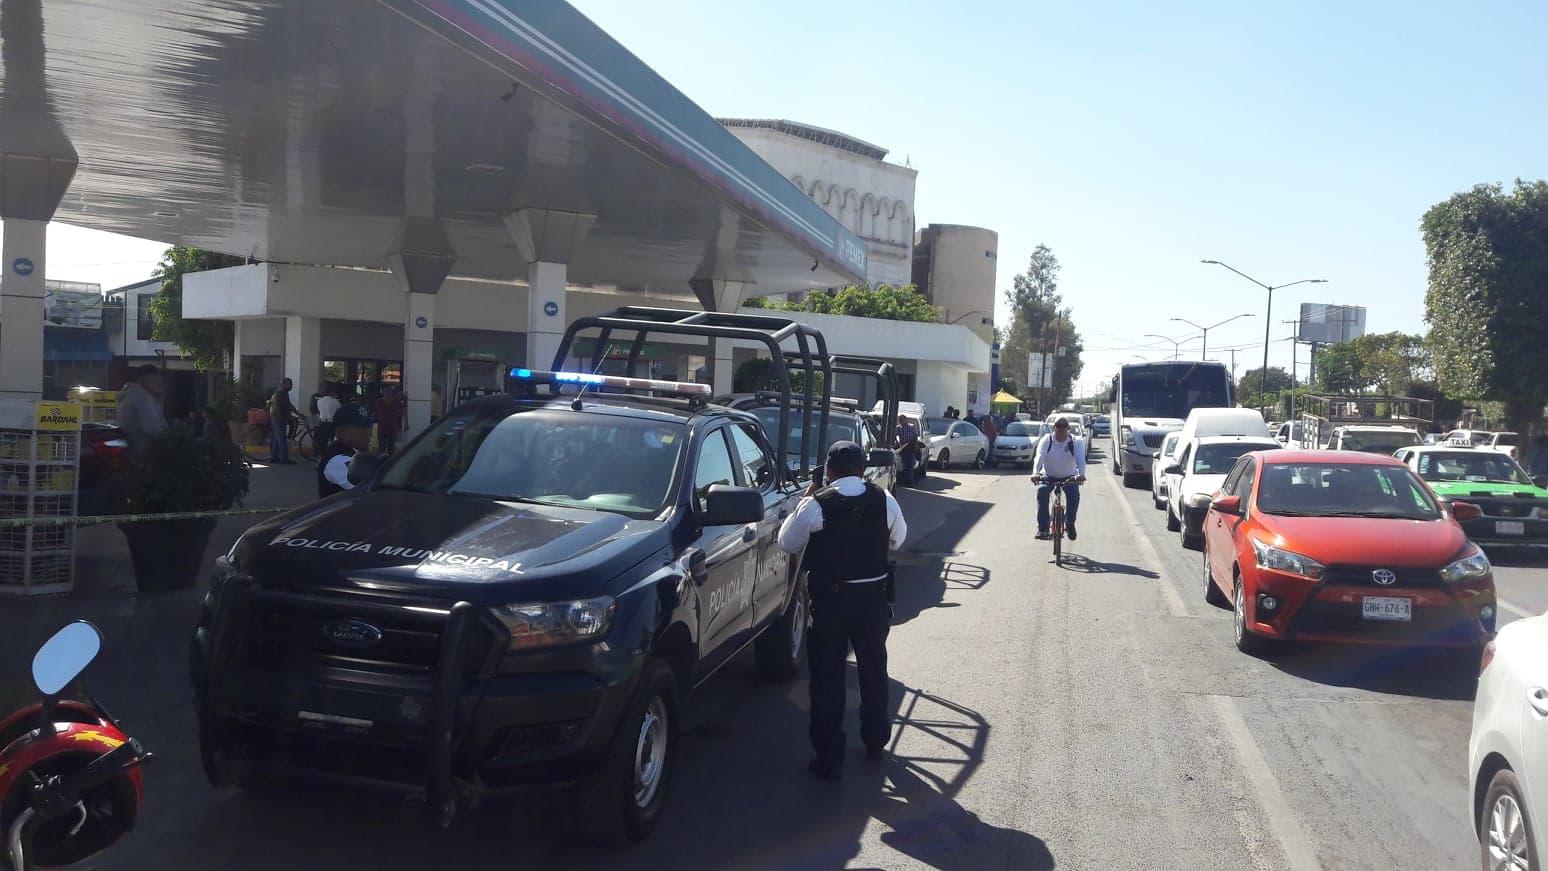 Intento de bloqueo en avenidas de Irapuato por desabasto de combustible generado por PEMEX